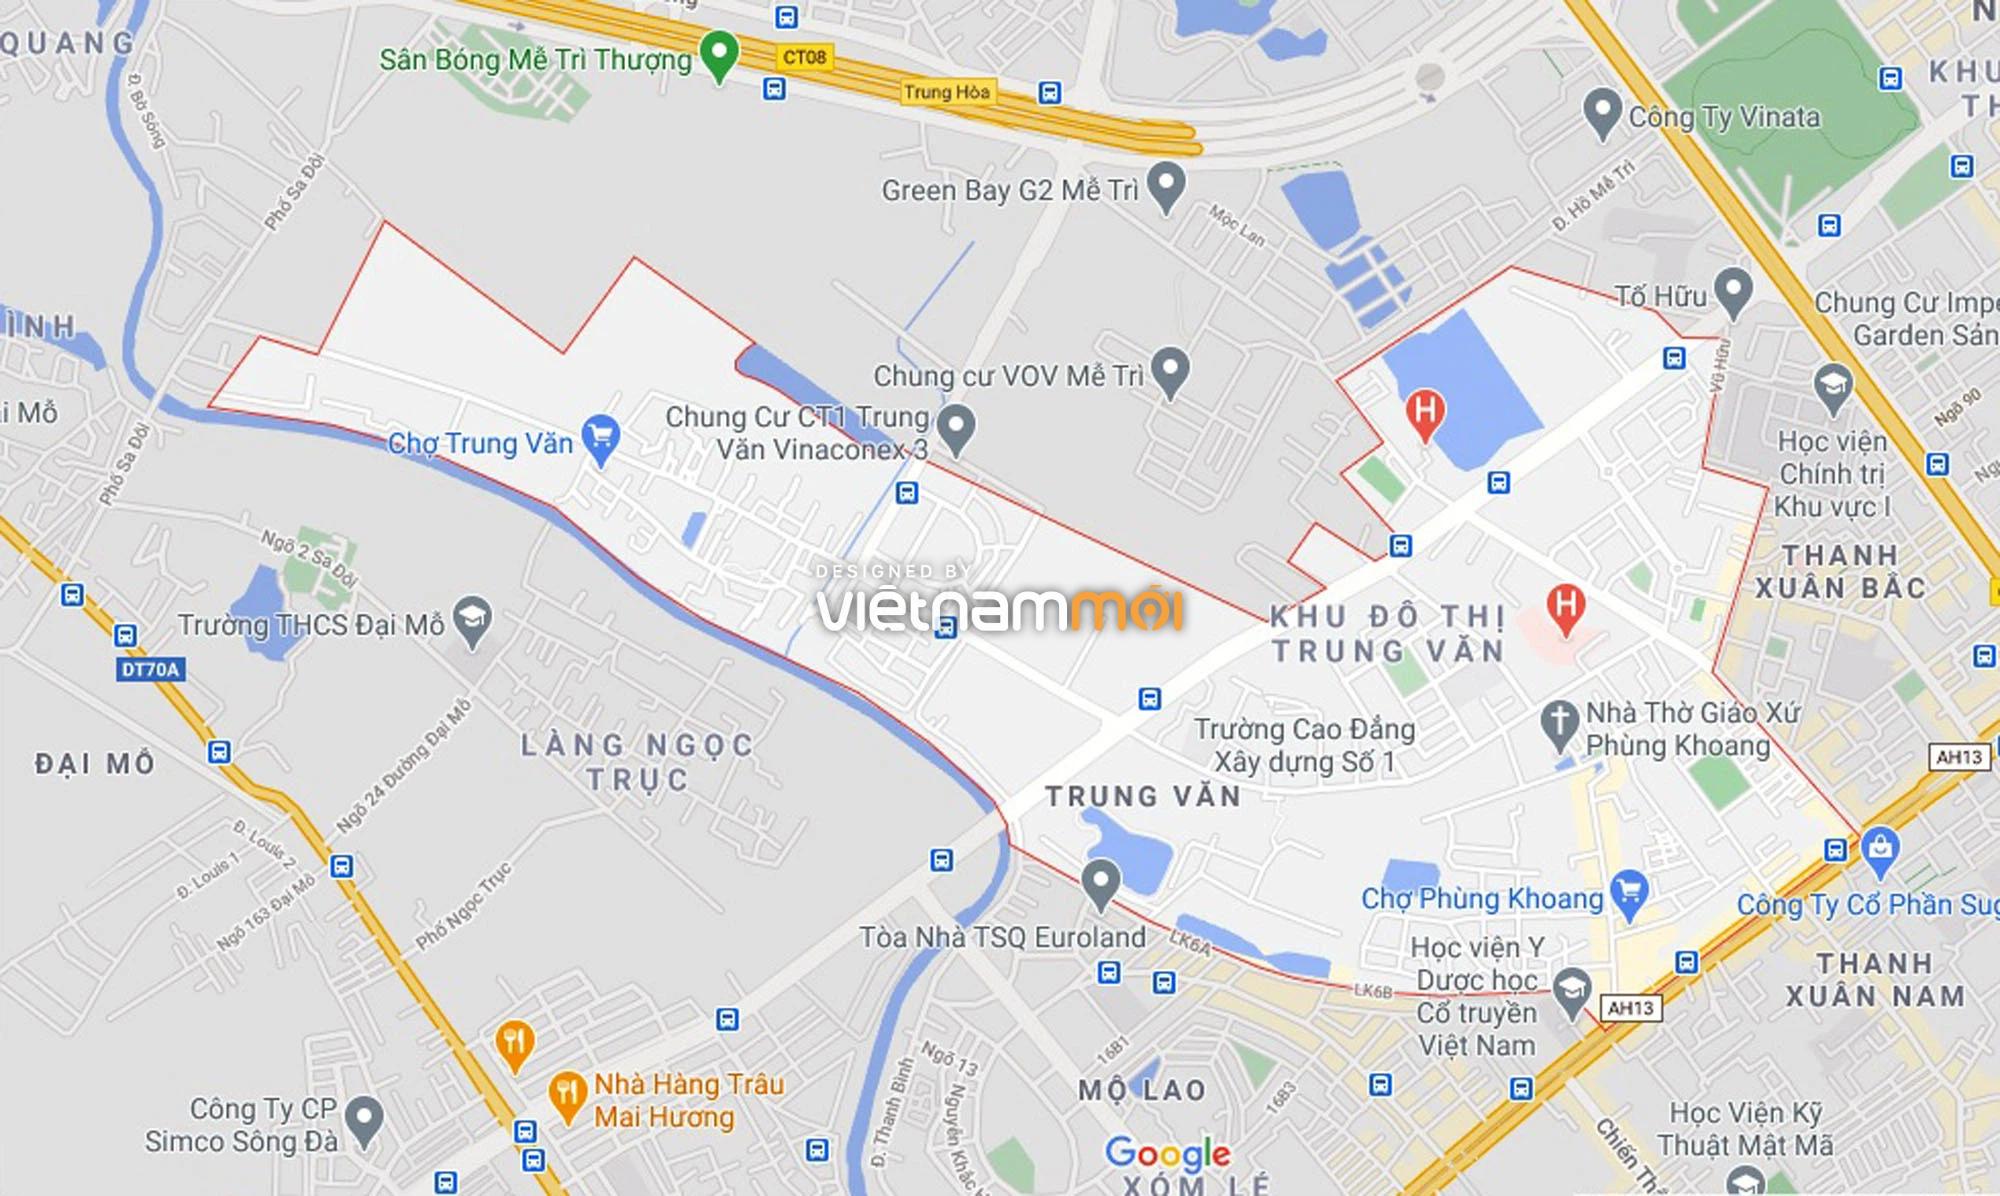 Đường sẽ mở theo quy hoạch ở phường Trung Văn, Nam Từ Liêm, Hà Nội (phần 2) - Ảnh 1.